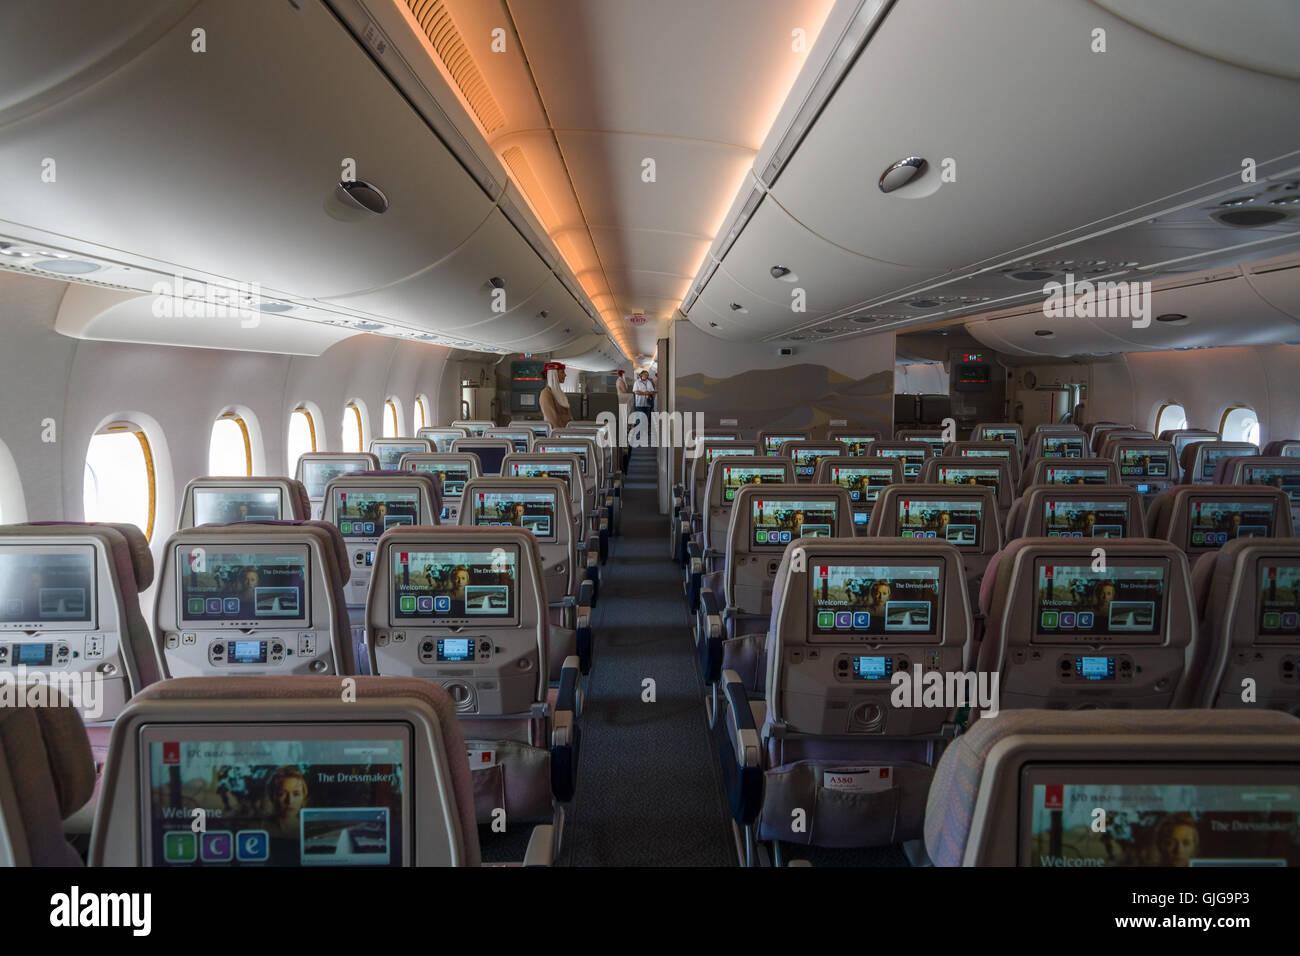 L\'intérieur d\'une économie de classe le plus grand avion Airbus A380 ...